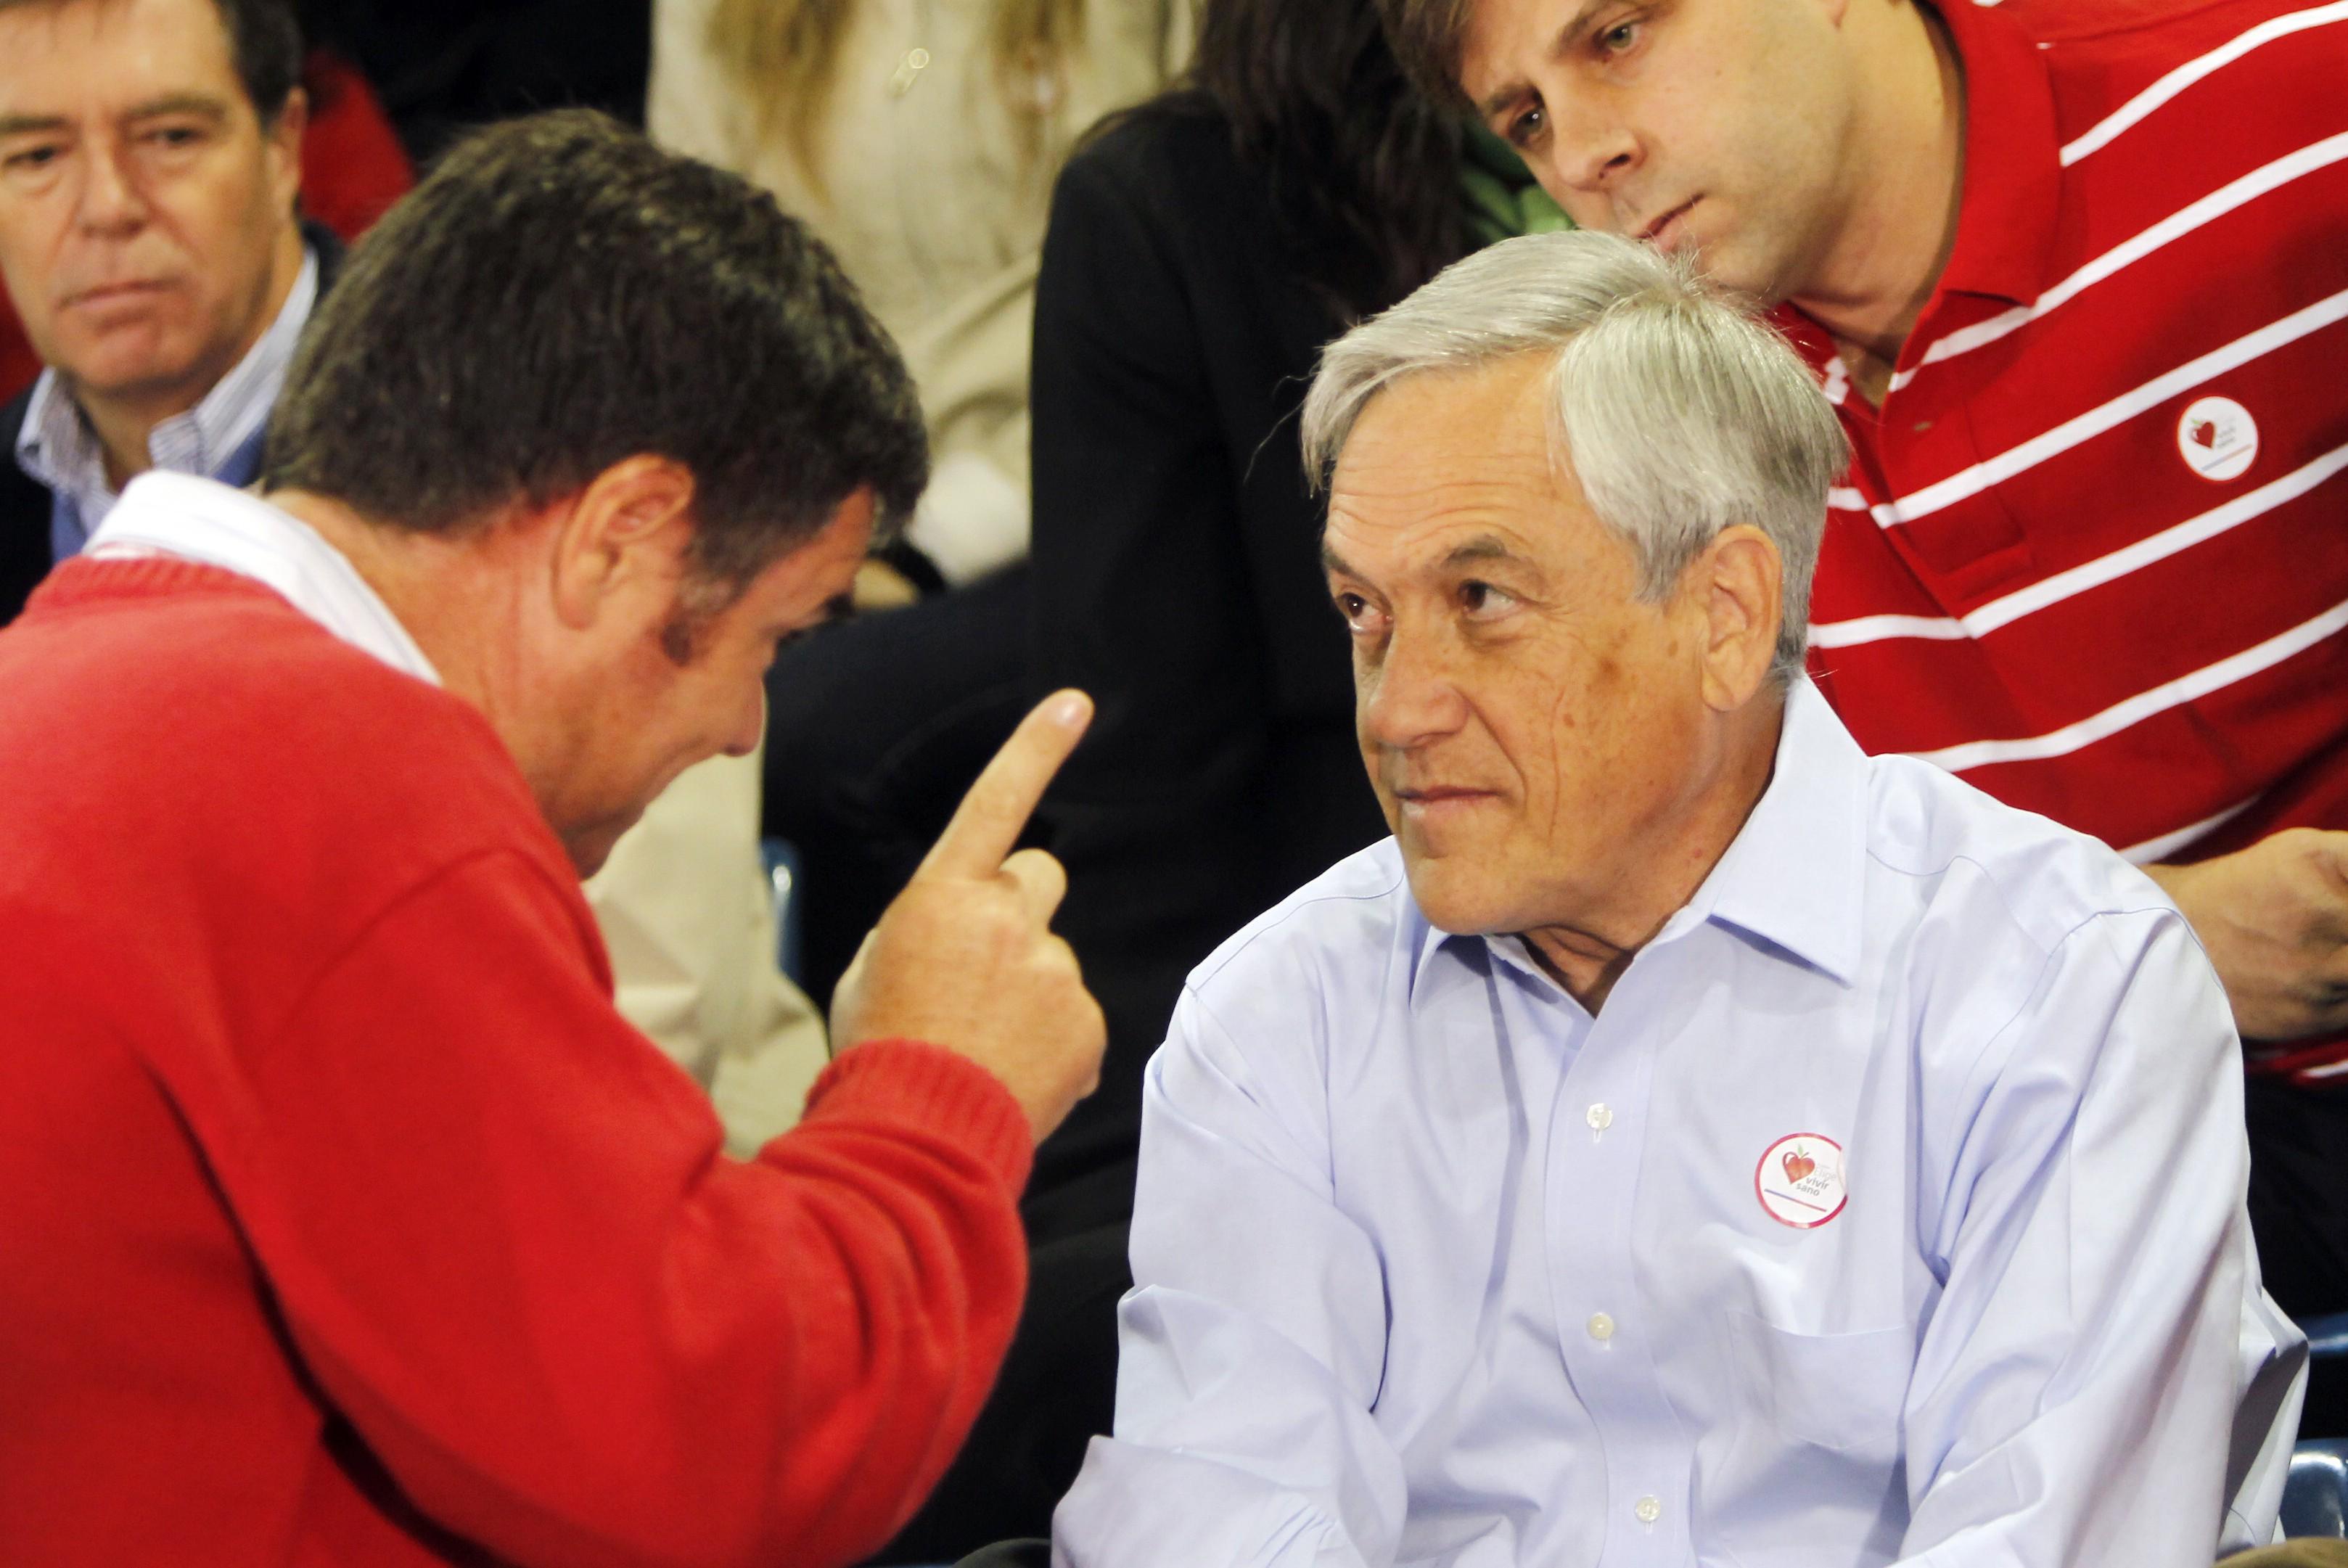 Inversiones de Piñera fuera del país no eran parte de fideicomiso ciego de Bancard